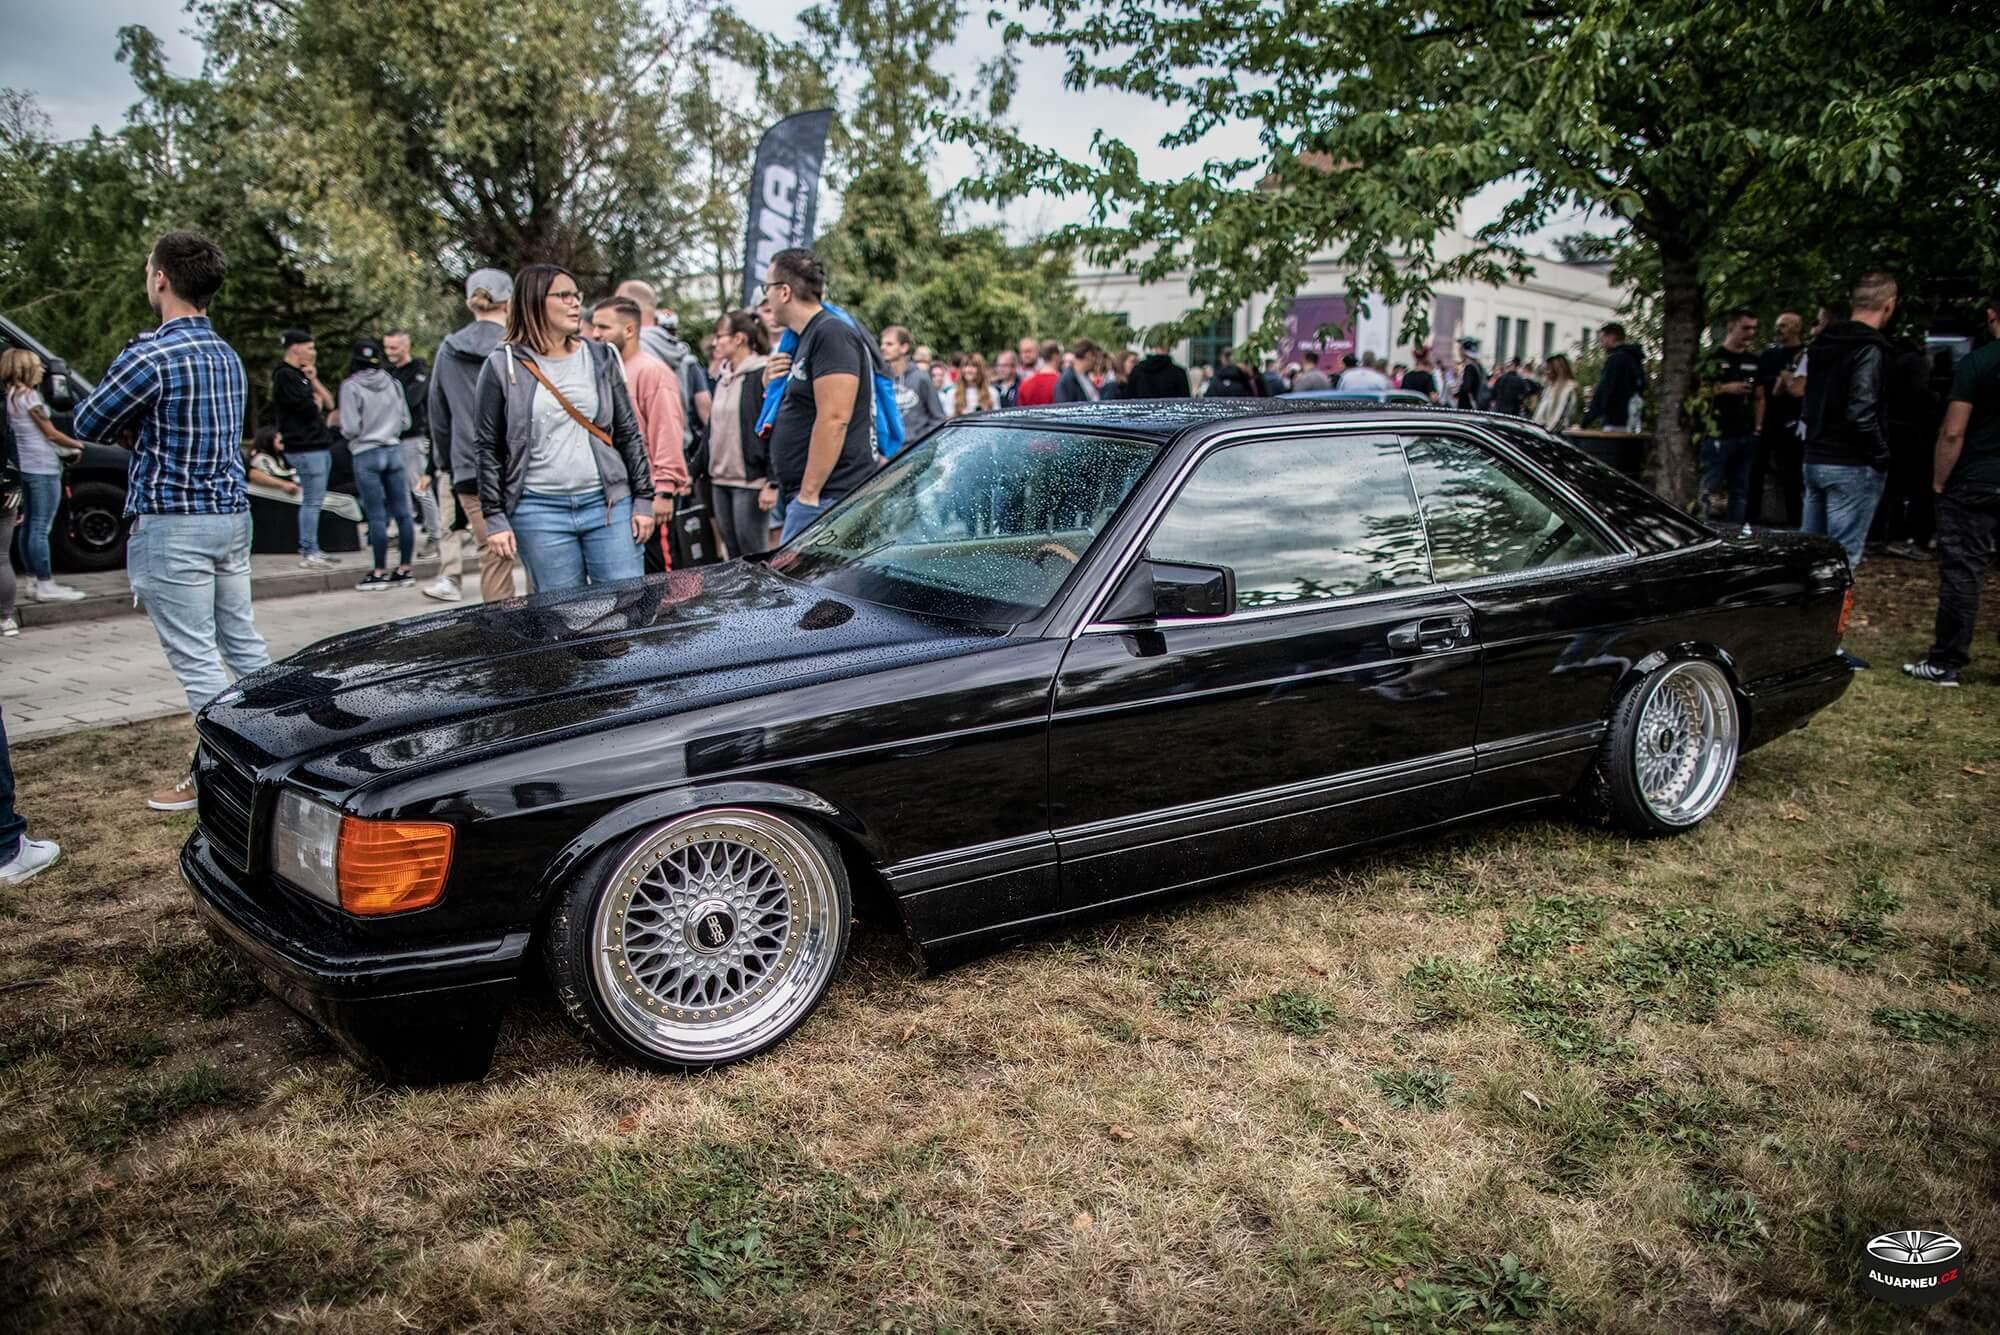 Alu kola s leštěným límcem Mercedes Benz Sec C126 - XS Classic Carnight 5.0 - Drážďany tuning sraz 2019 - www.aluapneu.cz